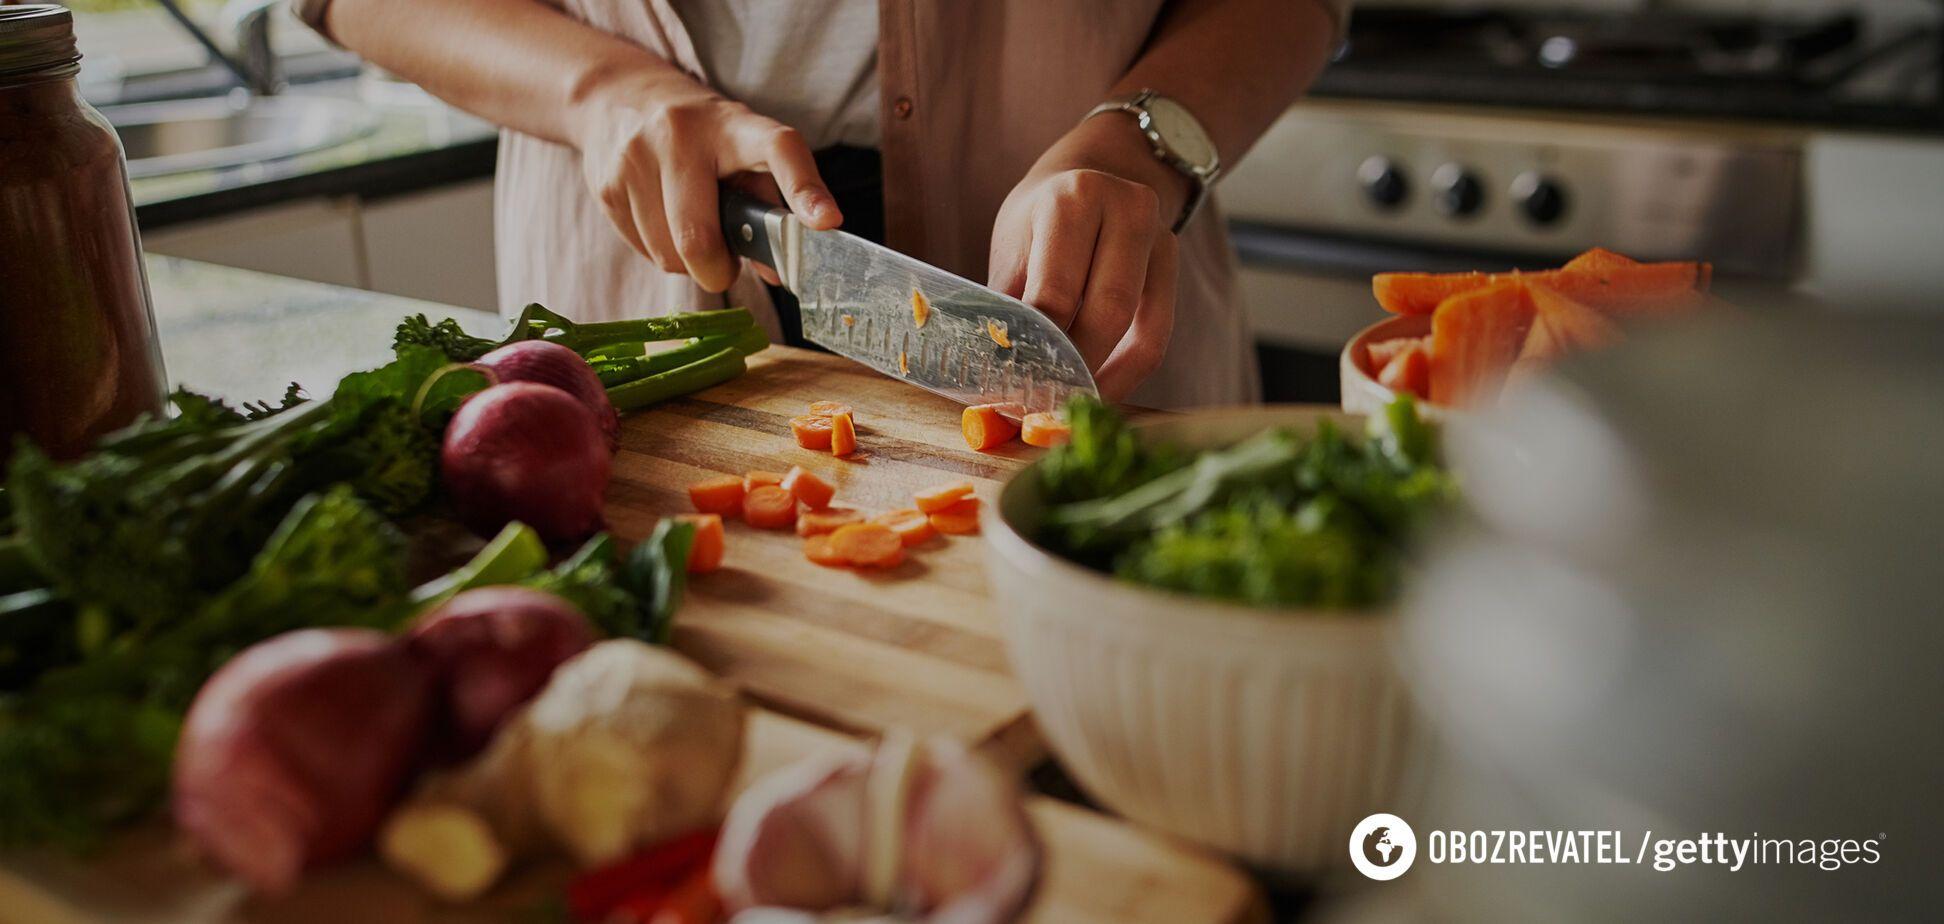 Домашнее питание: названы главные преимущества для здоровья